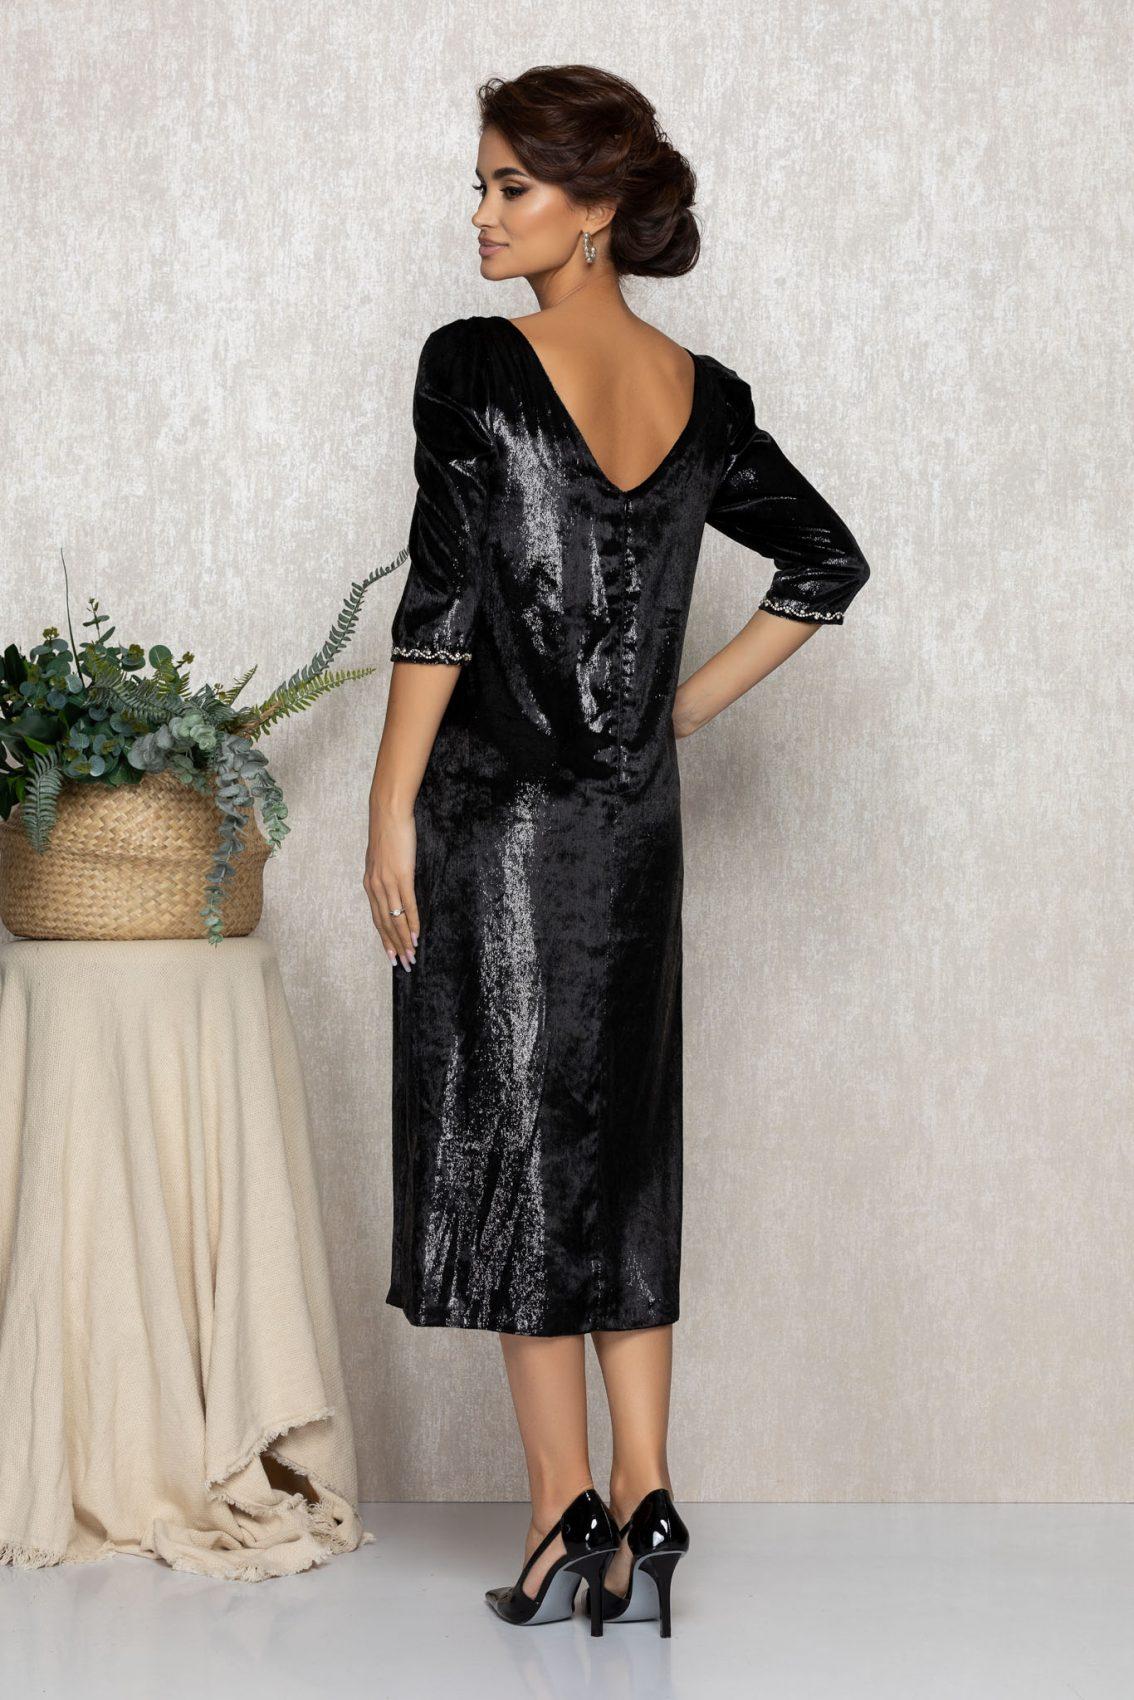 Μαύρο Μίντι Φόρεμα Από Βελούδο Ginette T206 2